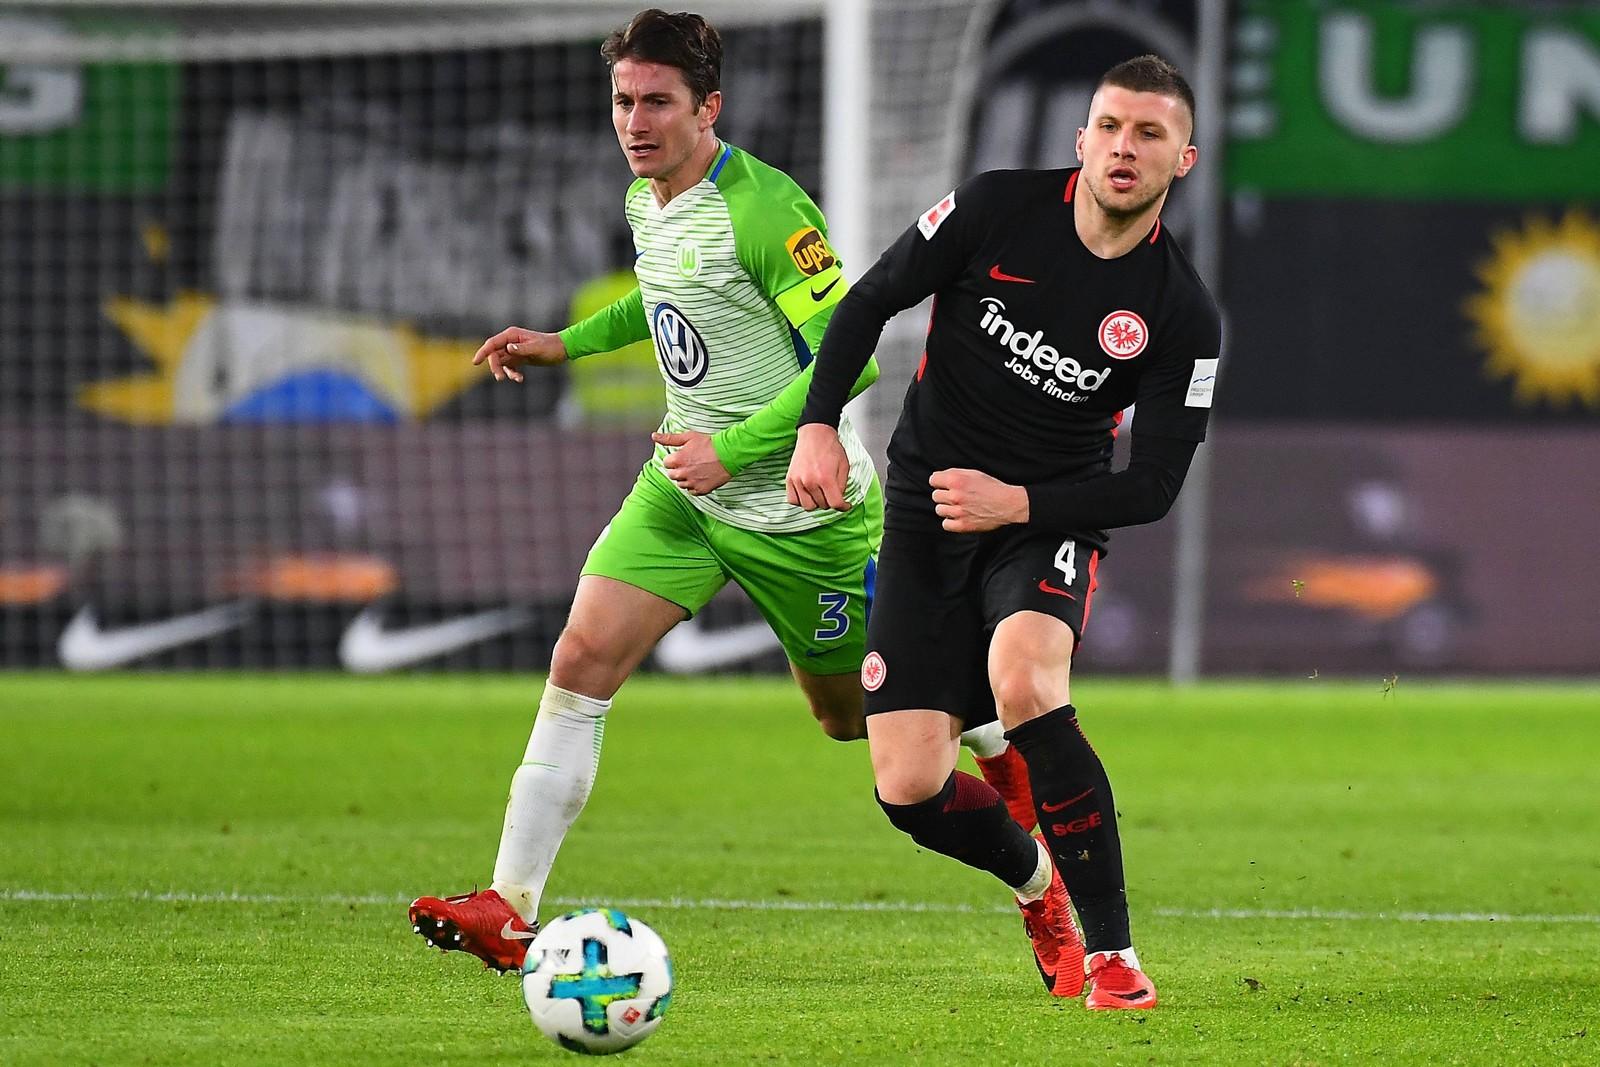 Kann Ante Rebic auch gegen Wolfsburg seinen Lauf fortsetzen? Jetzt auf Frankfurt gegen Wolfsburg wetten!